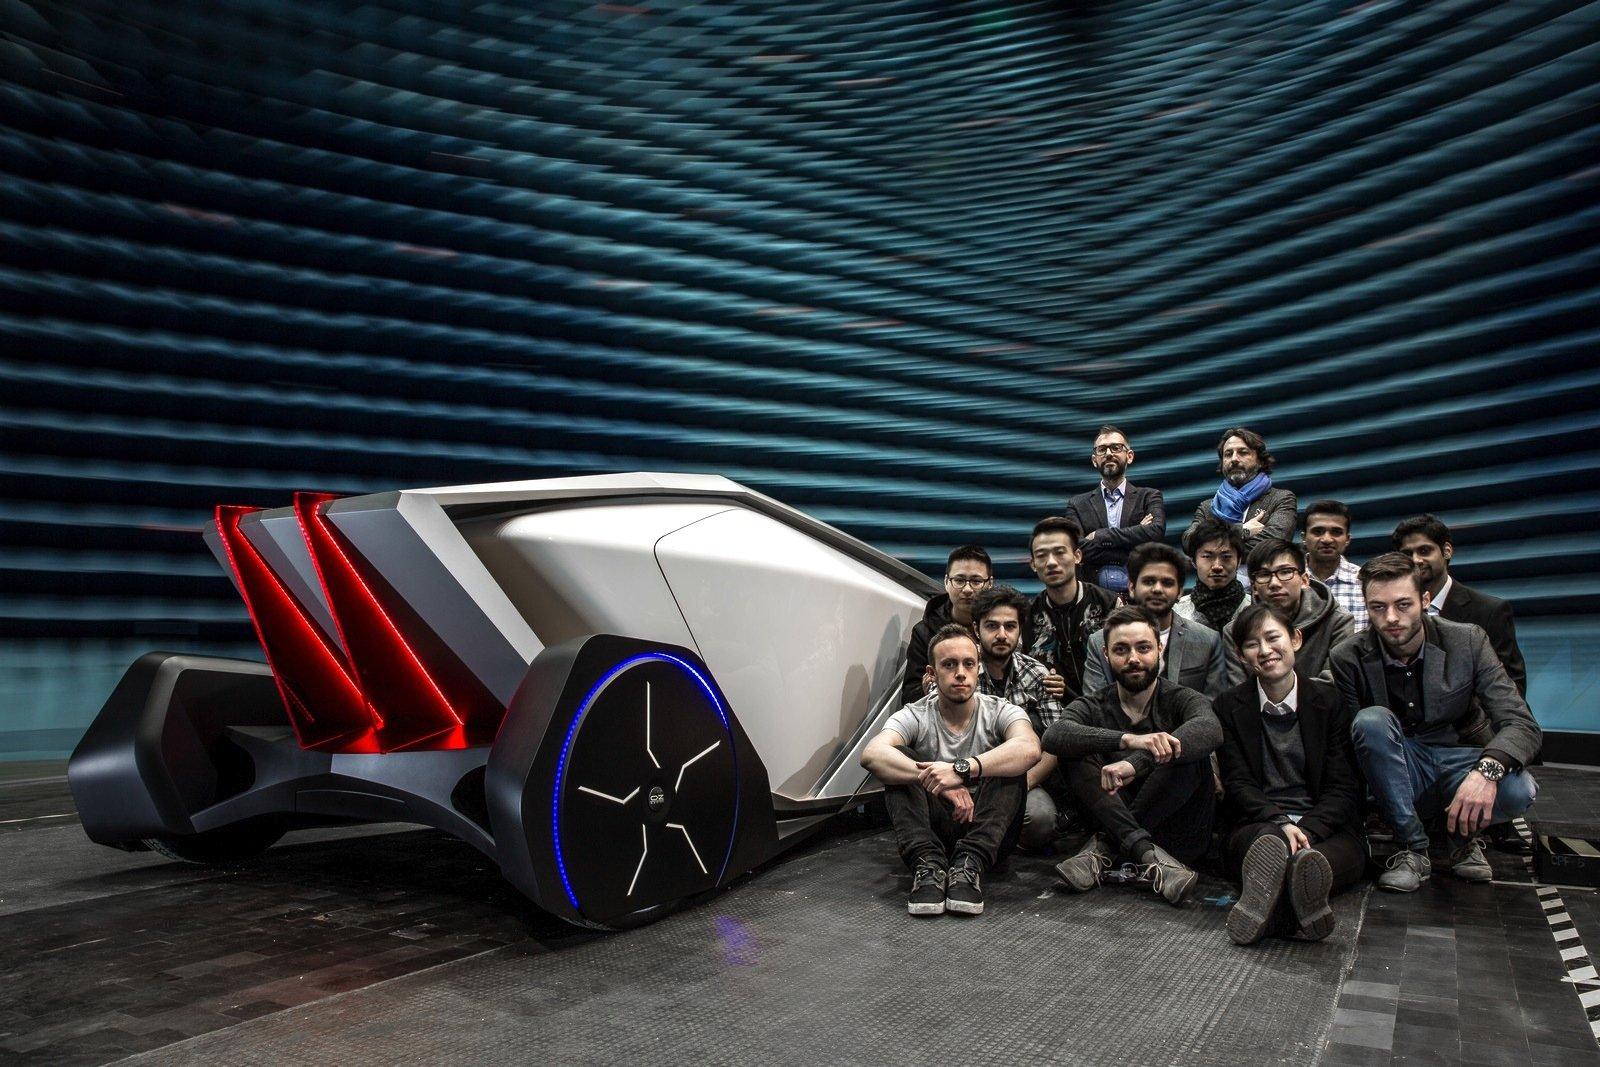 Entwickelt wurde die Studie von einem Team an der Universität Instituto Europeo di Design (IED) in Turin.